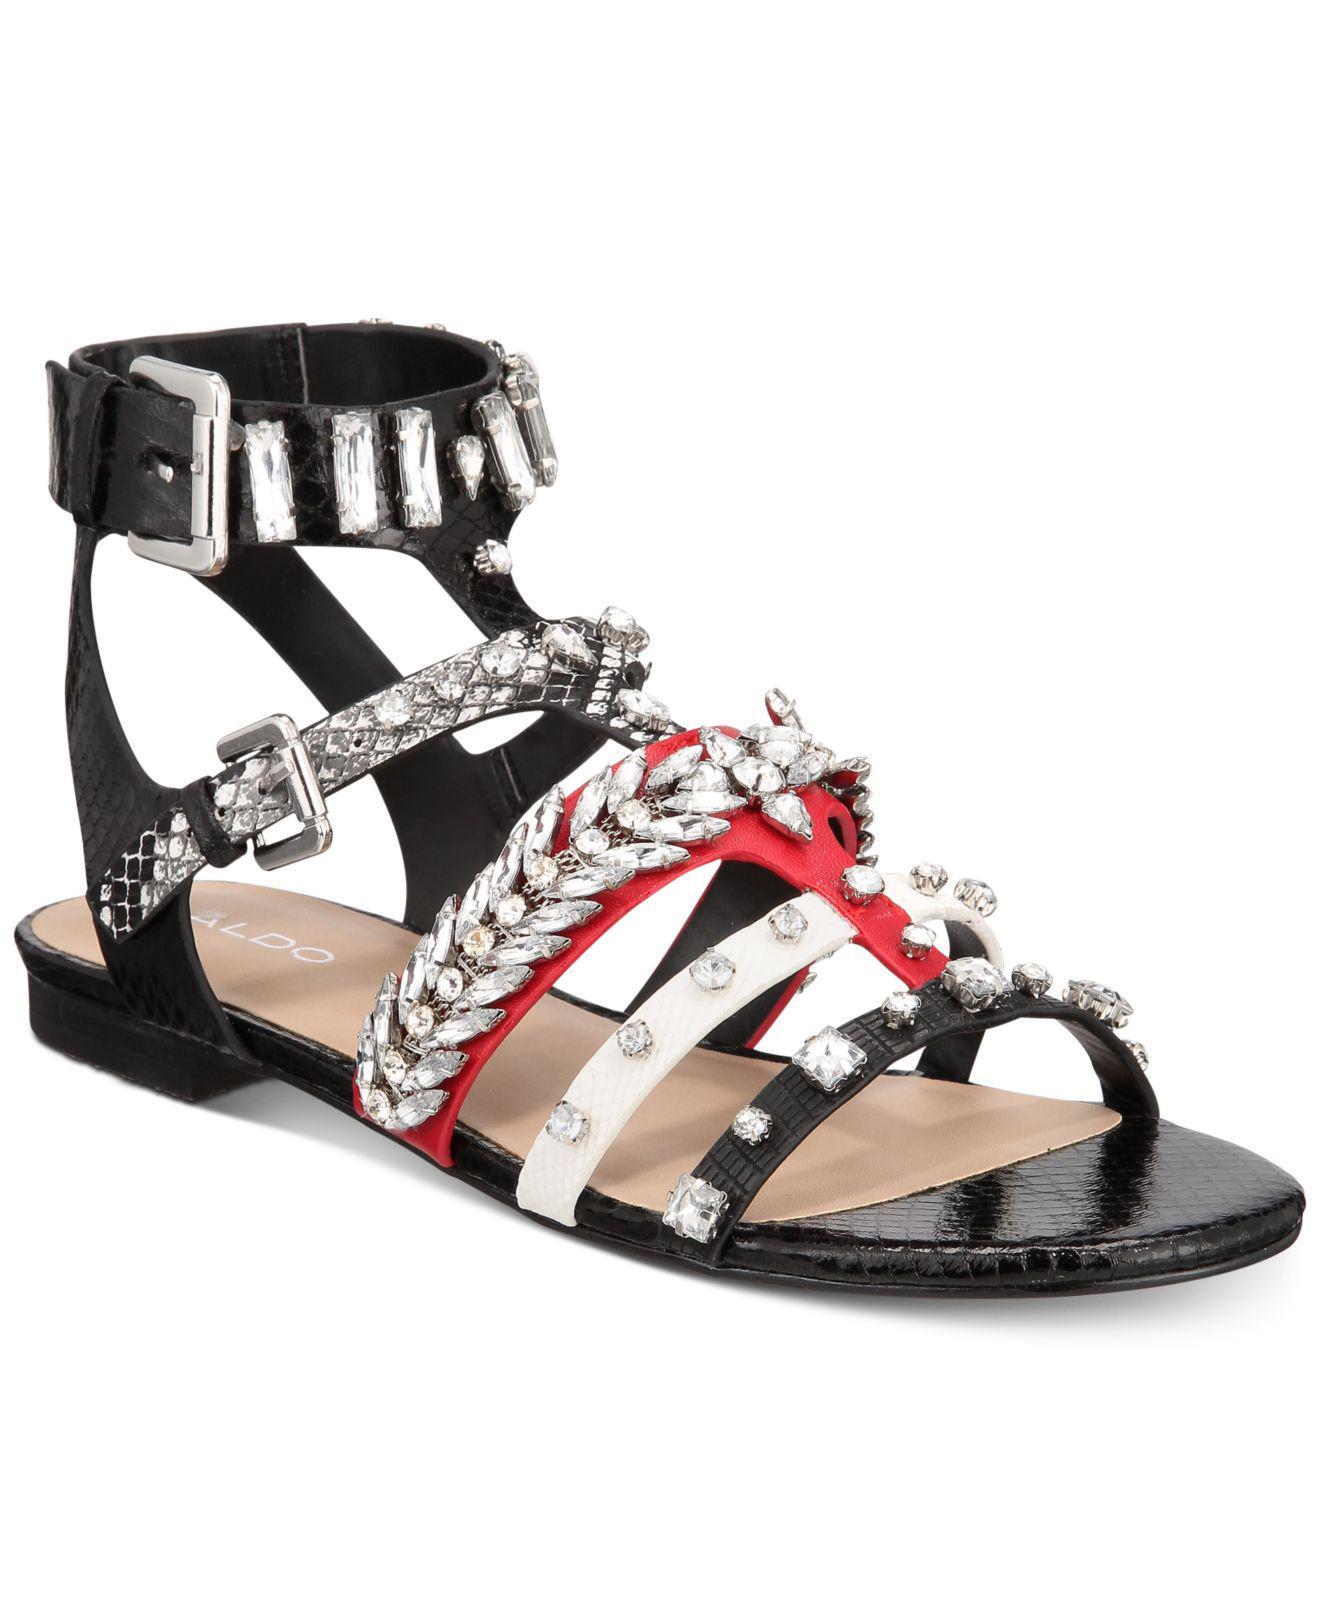 bac1a12023d Lyst - ALDO Brari Embellished Gladiator Sandals in Black